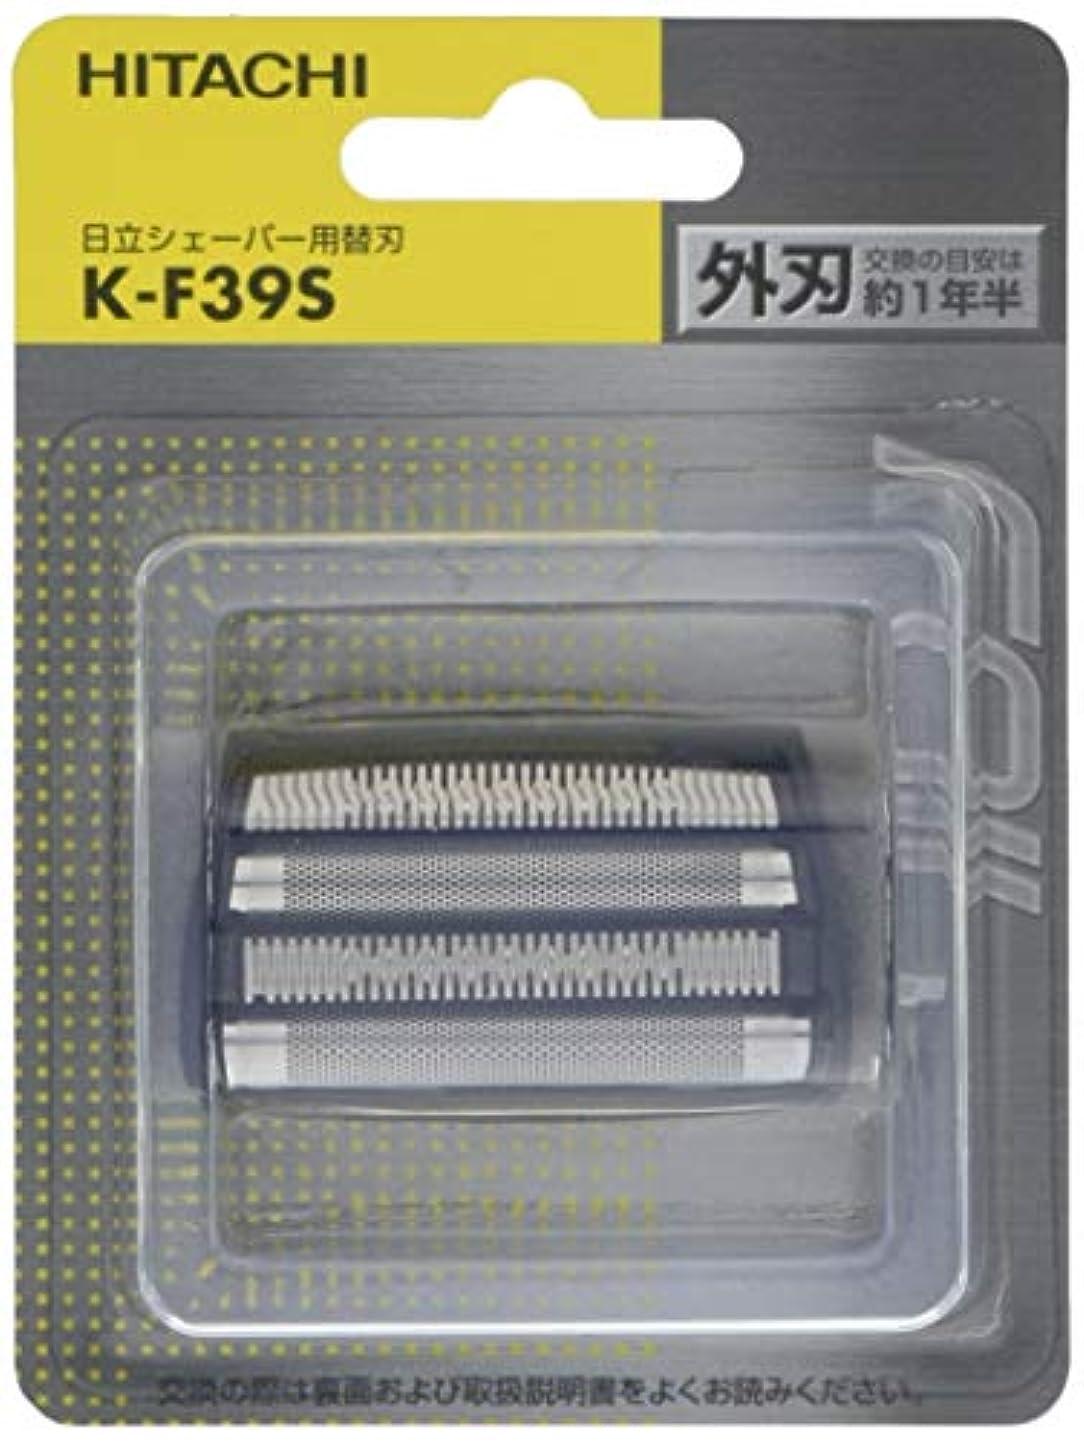 昇るできないスツール日立 メンズシェーバー用替刃(外刃) K-F39S